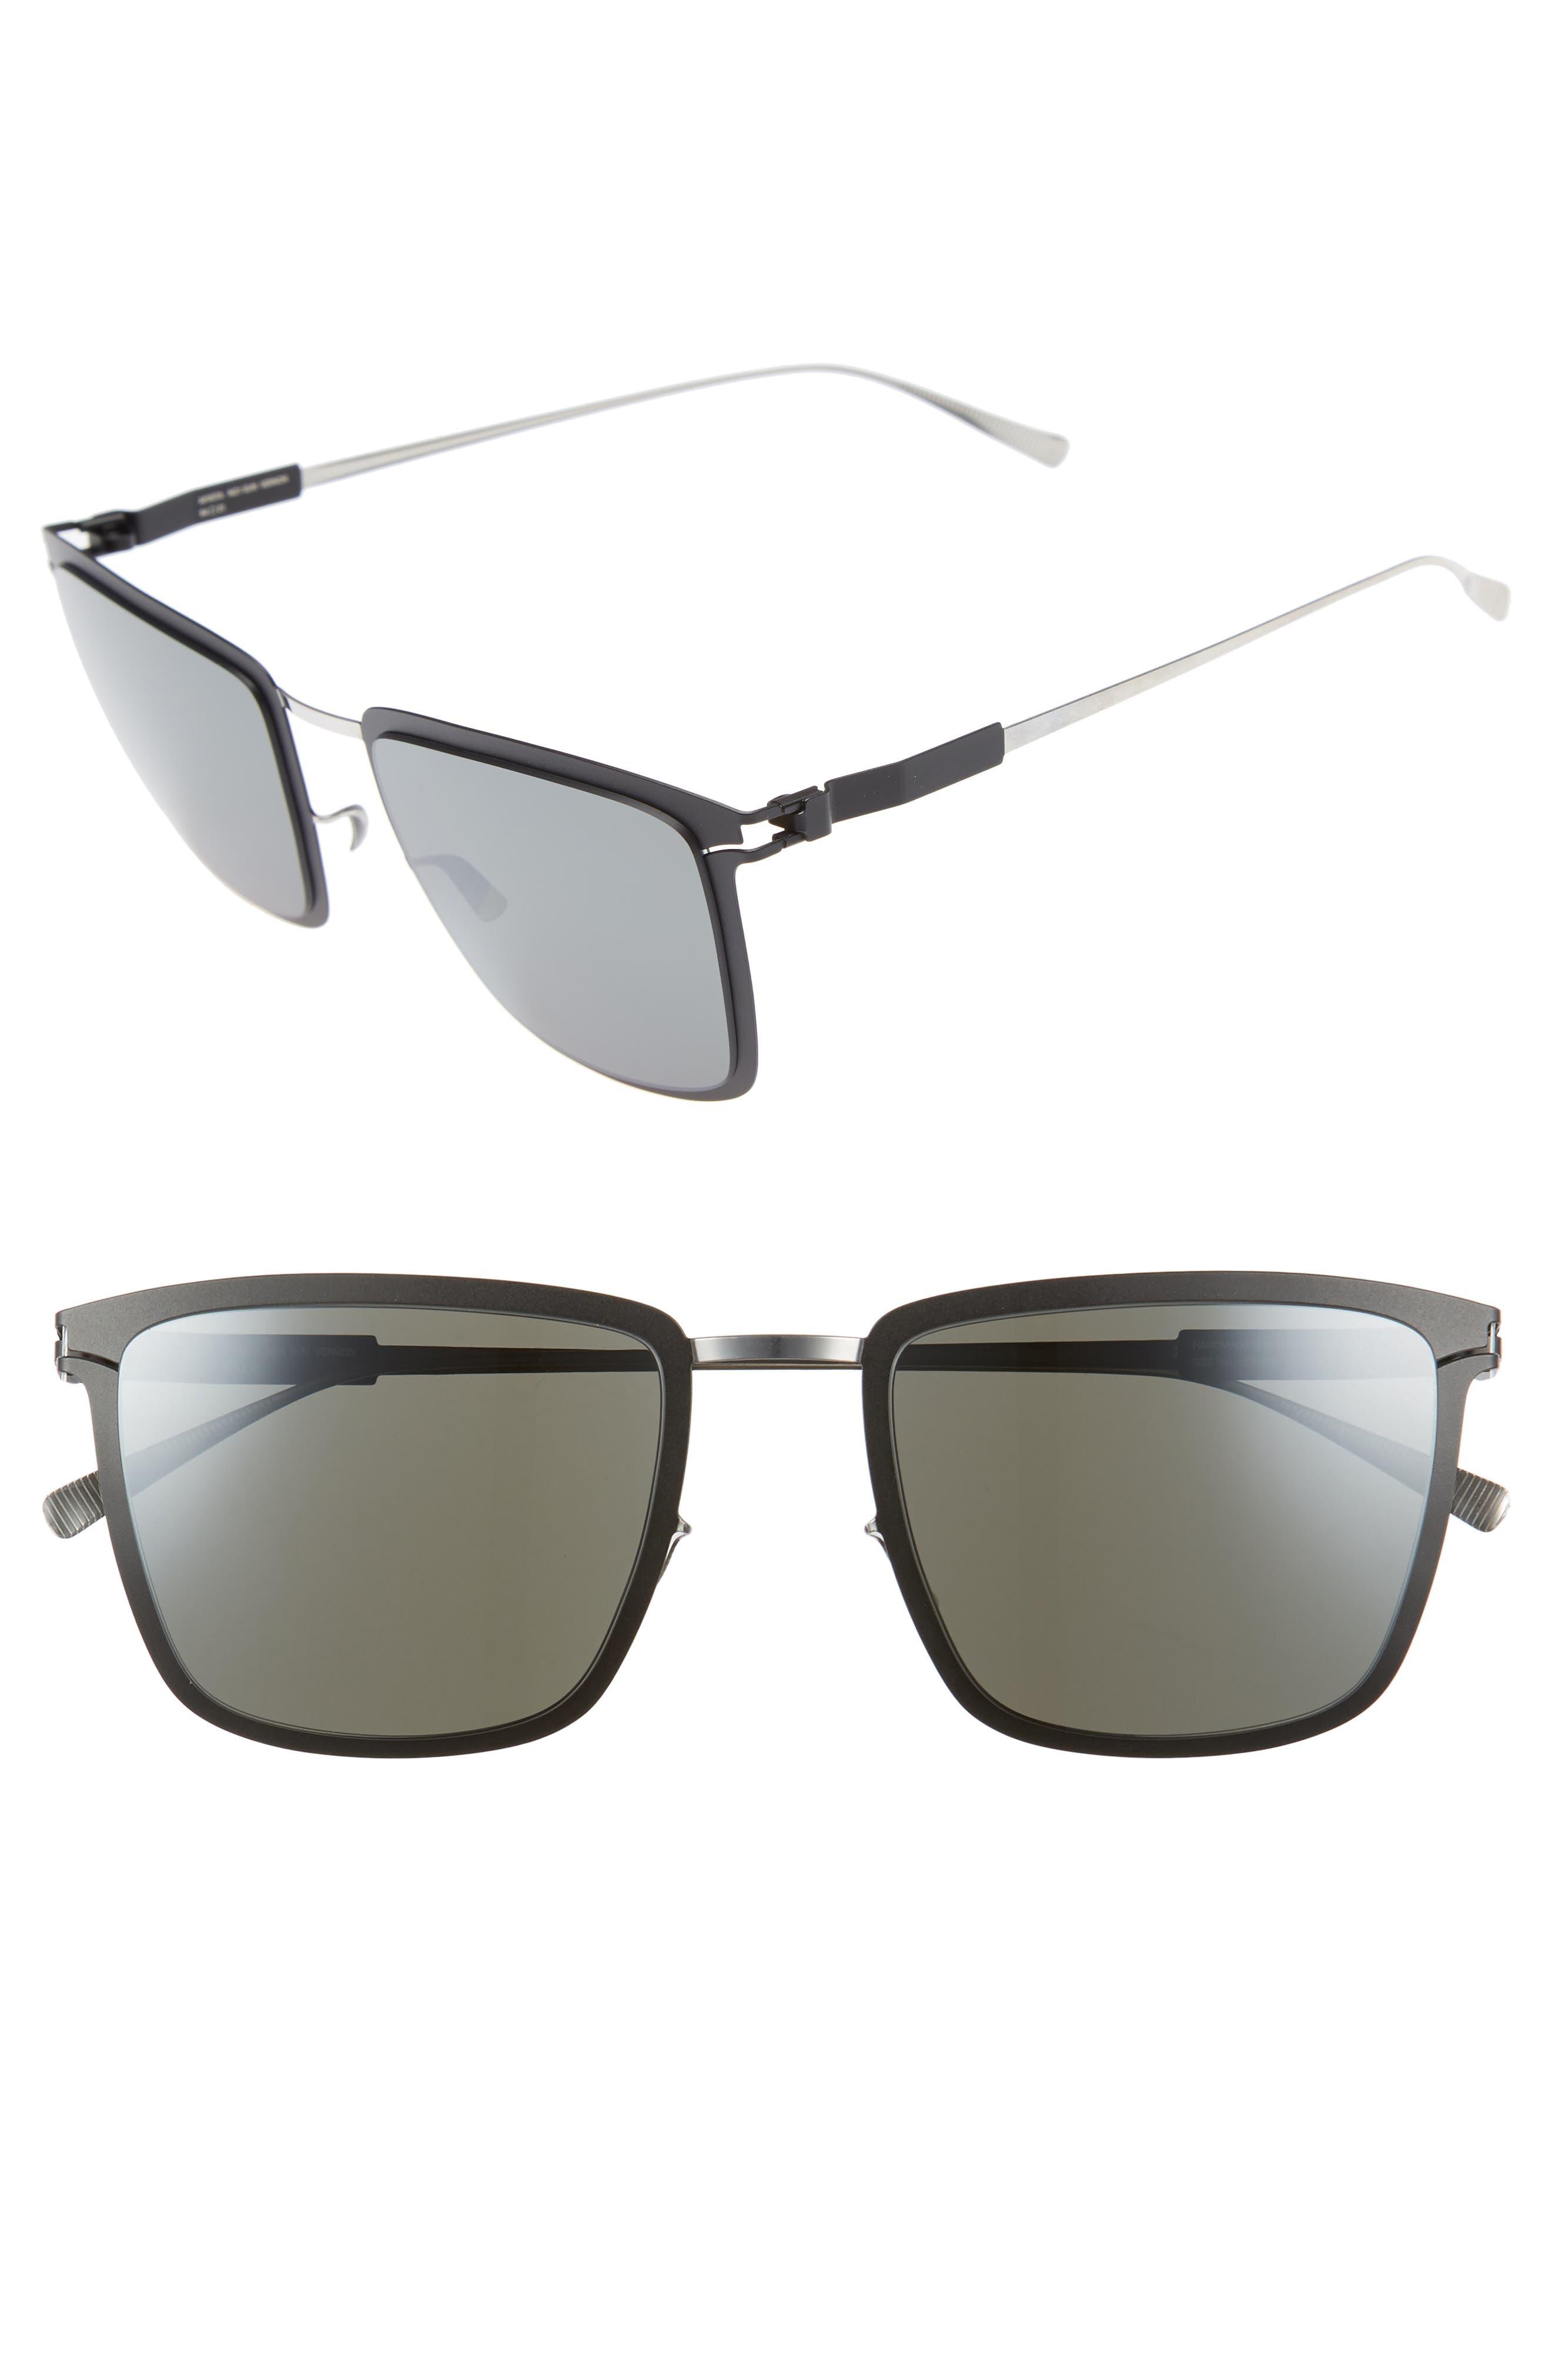 Vernon 54mm Mirrored Sunglasses,                         Main,                         color, Silver/ Black